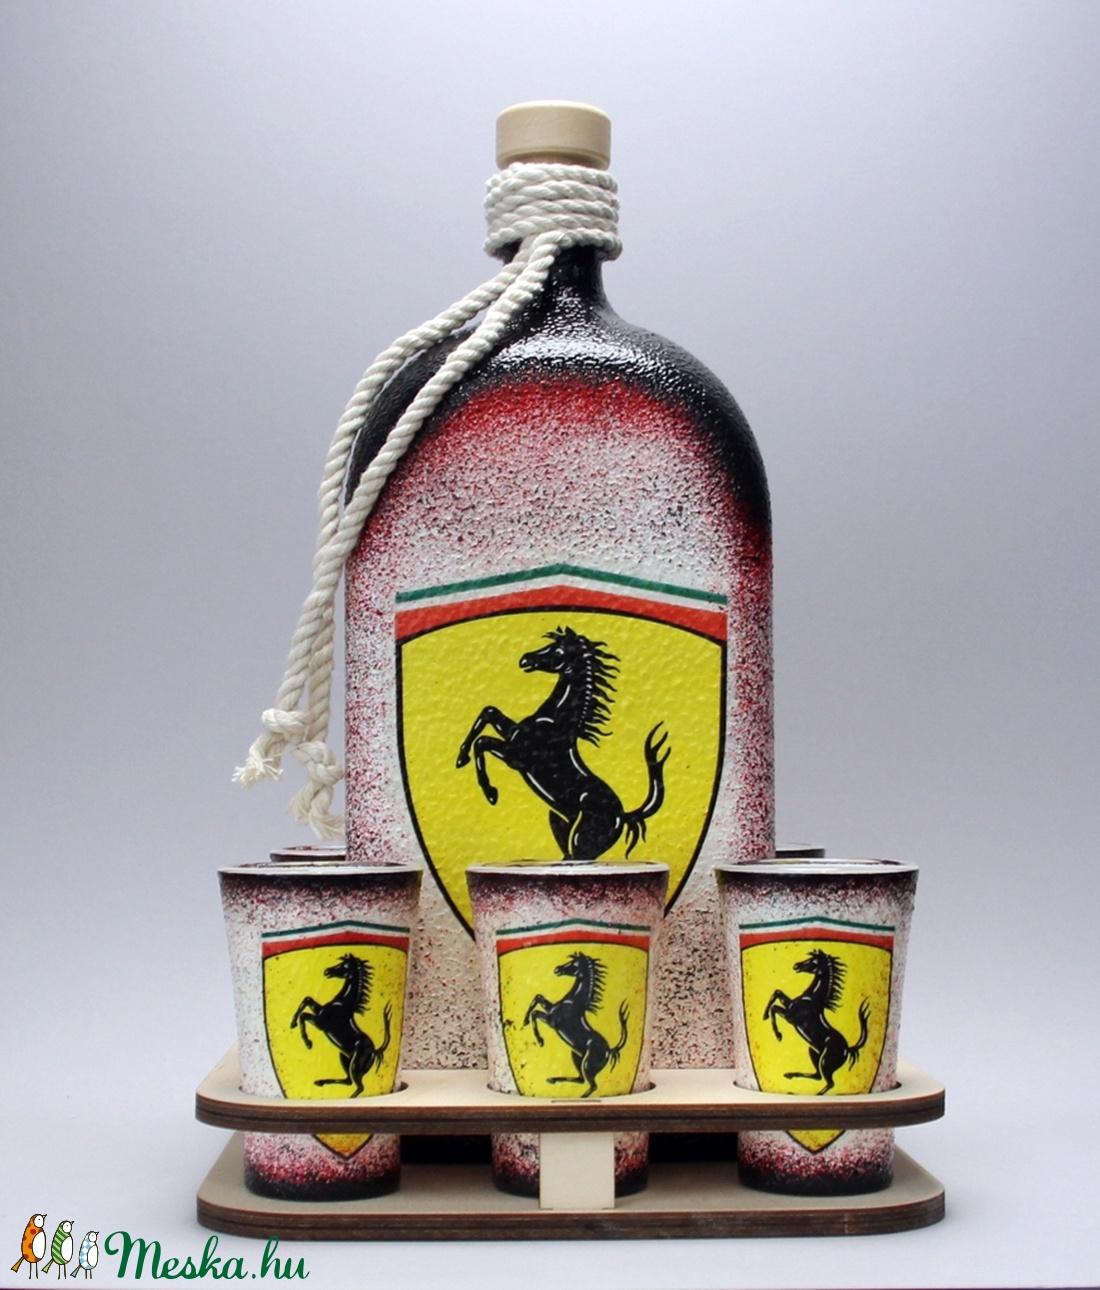 Ferrari emblémával díszített italos üveg szett(1l üveg+6x45ml)ajándék a márka szerelmeseinek - férjeknek -barátoknak  (decorfantasy) - Meska.hu